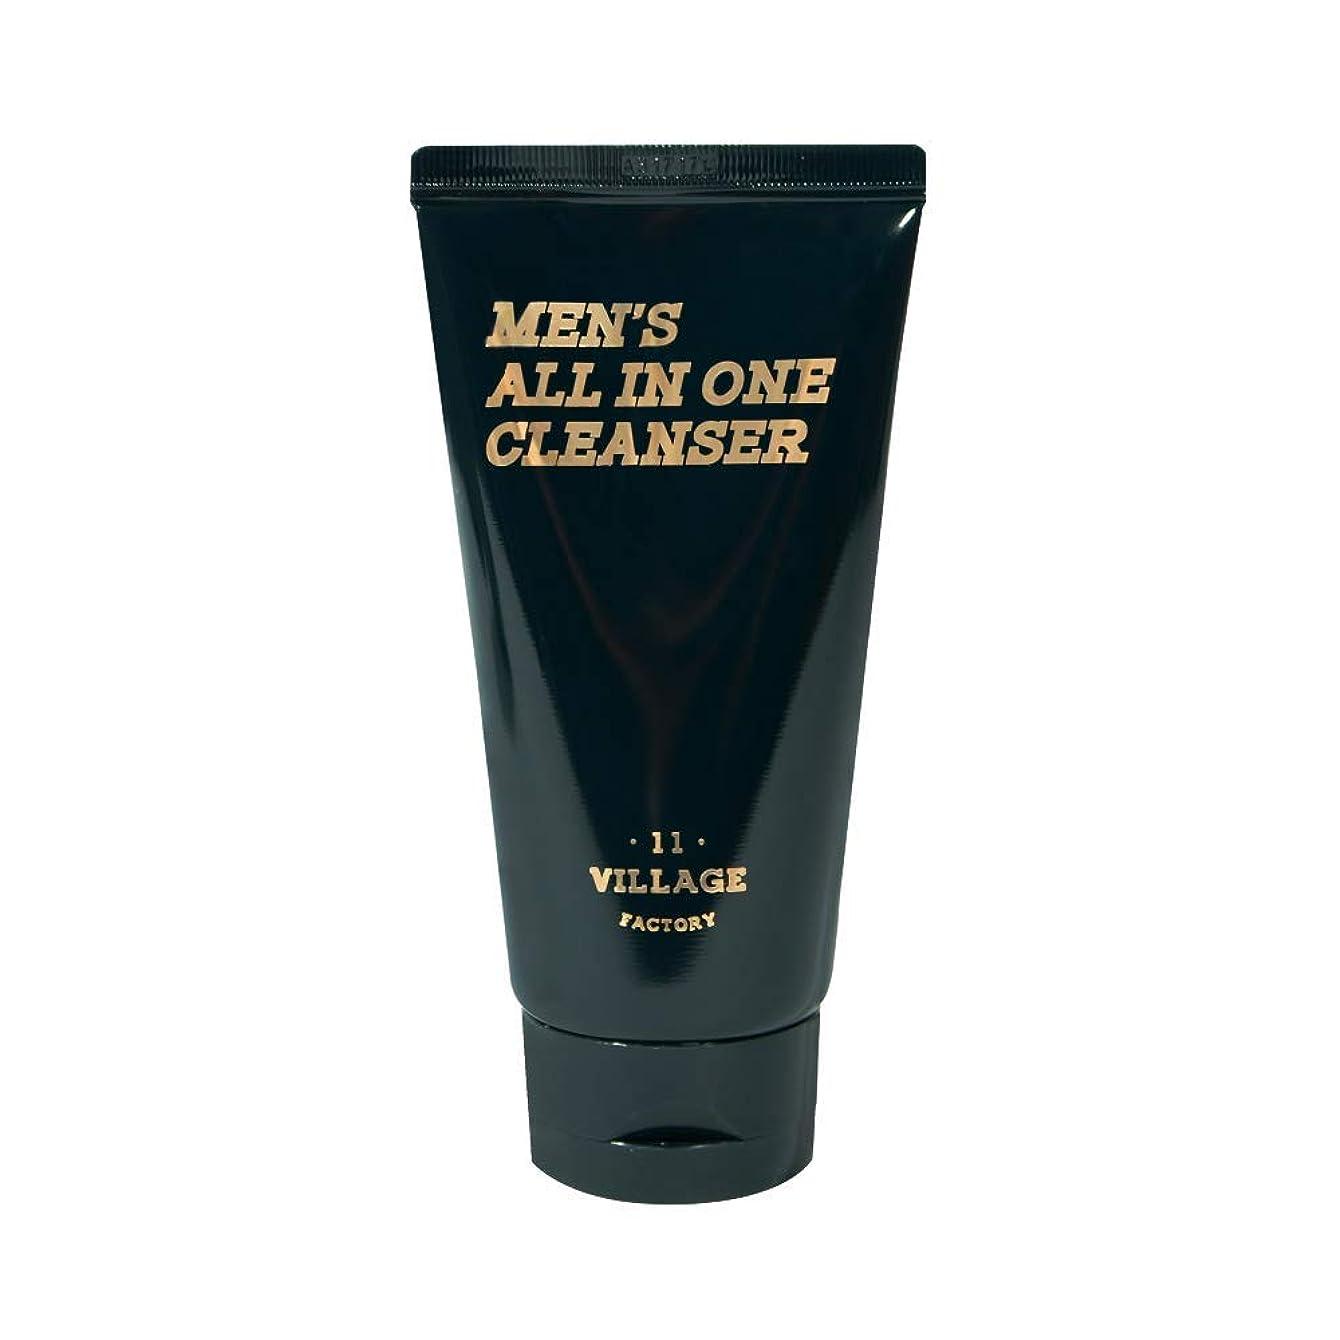 数シットコムイタリック[VILLAGE 11 FACTORY] メンズオールインワンクレンザーMen's All-in-one Cleanser 150ml